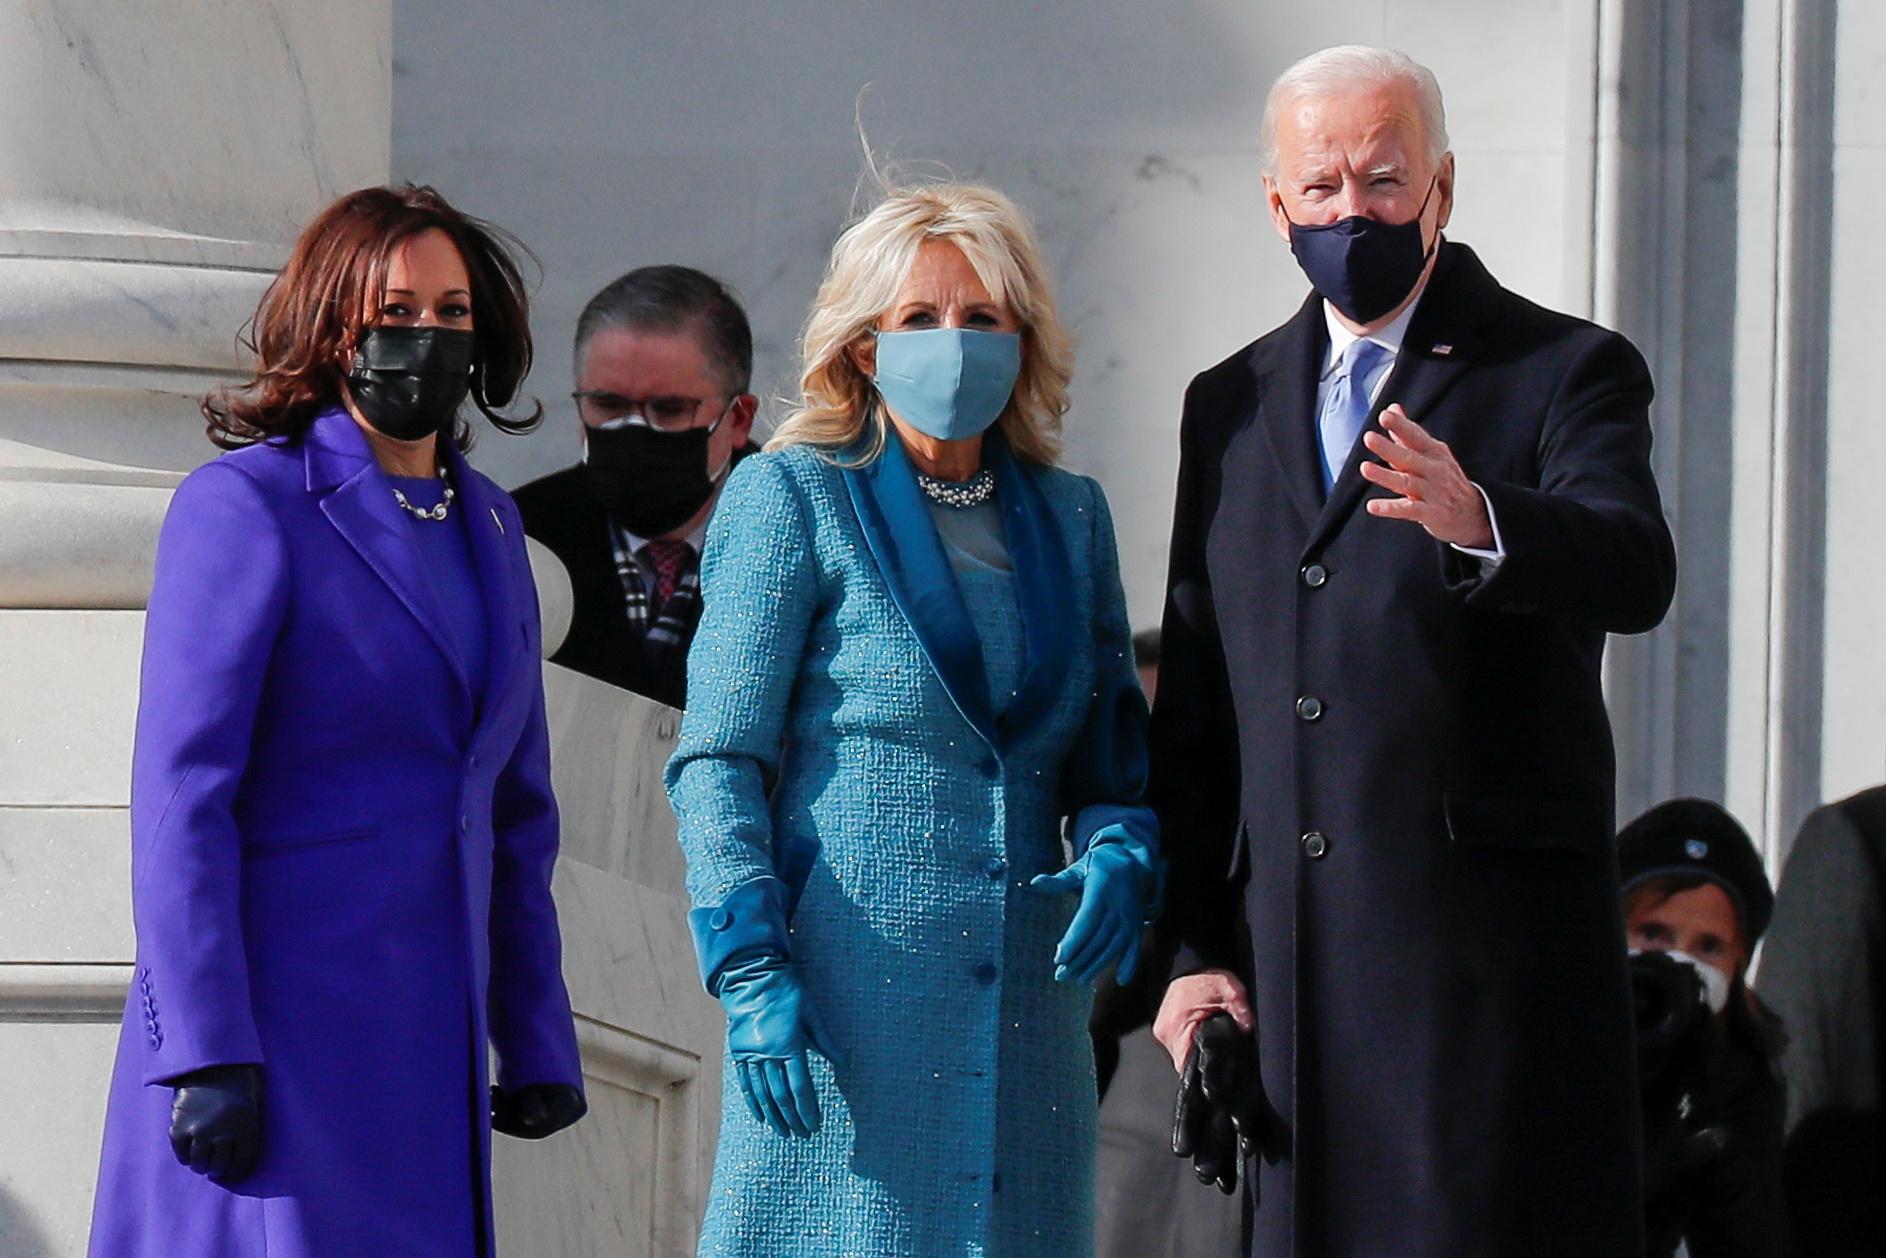 ΗΠΑ: Ποιους σχεδιαστές εμπιστεύτηκαν Τζιλ Μπάιντεν και Καμάλα Χάρις για την τελετή της ορκωμοσίας